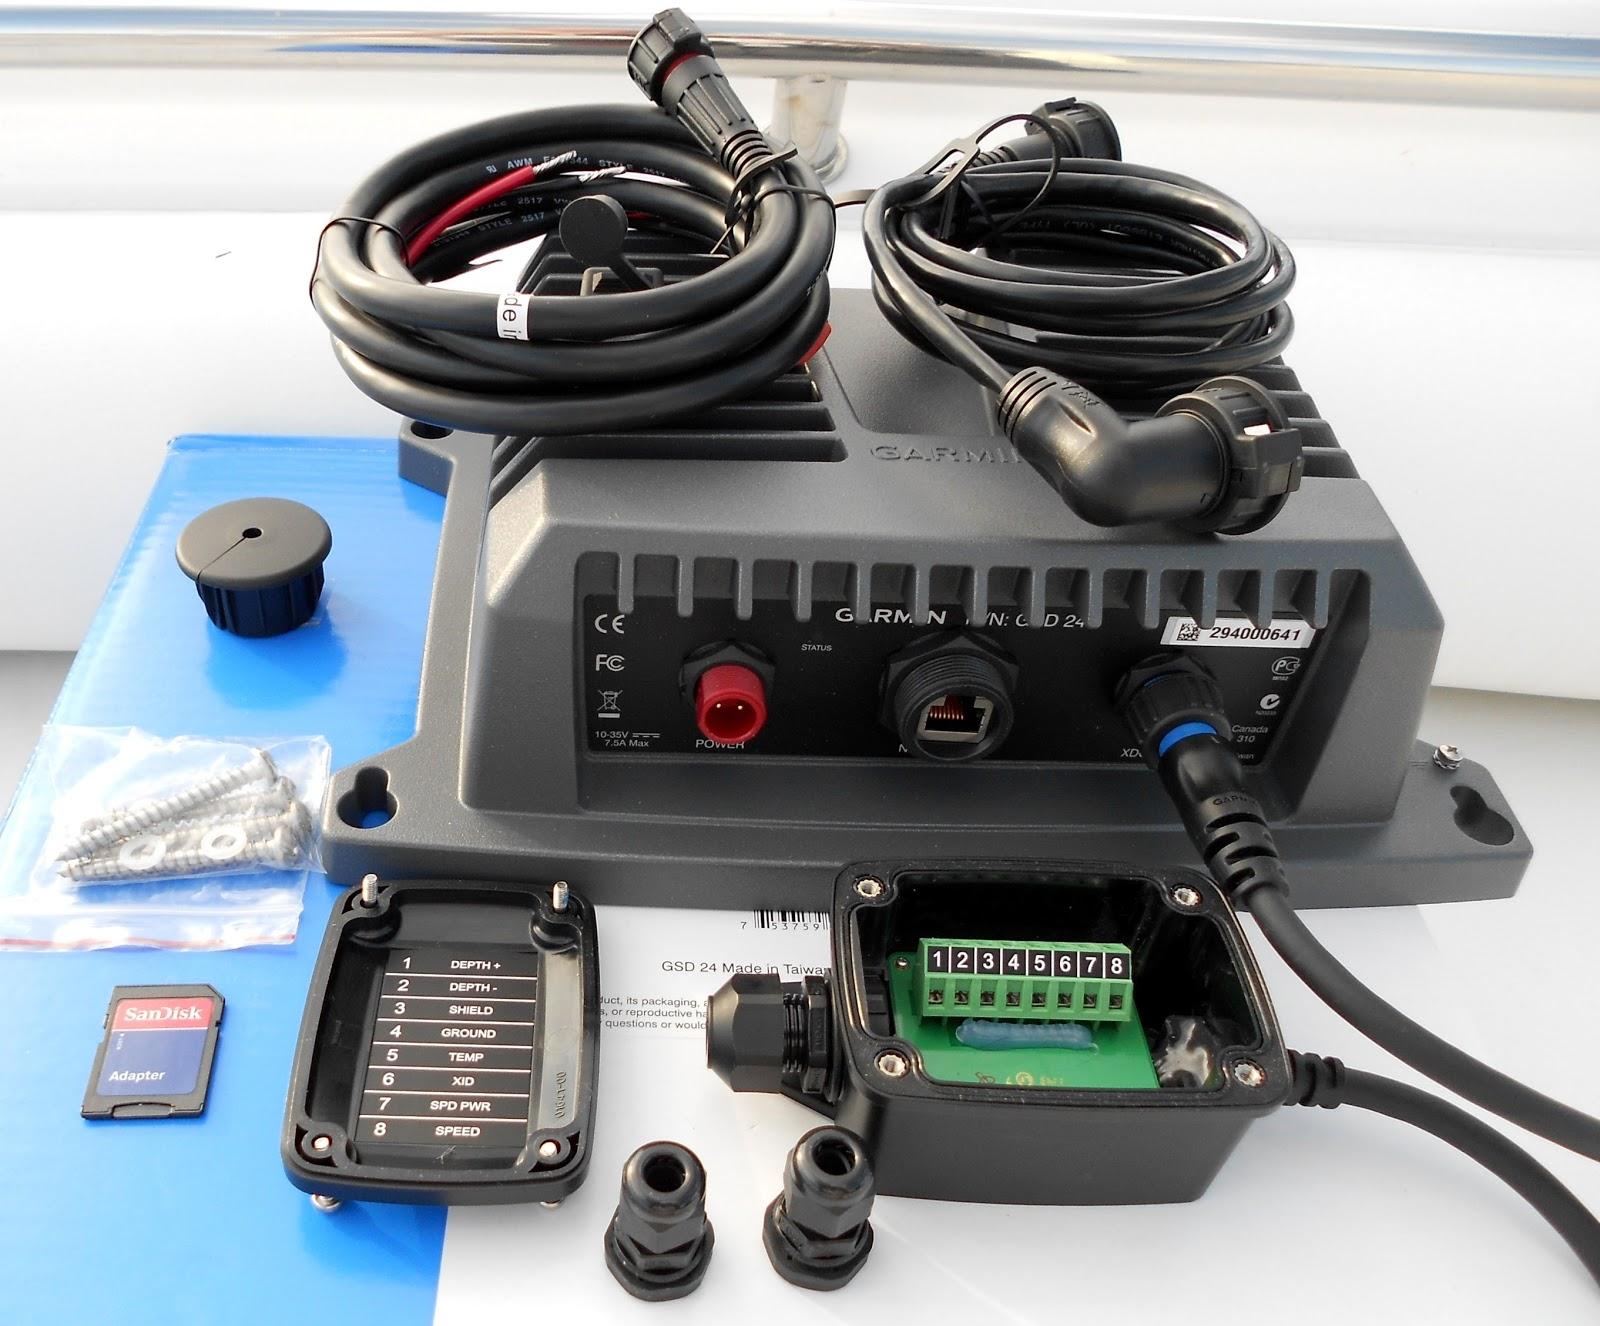 Garmin Transducer Wiring Diagram Circuit Of House 8 Pin Airmar Furuno